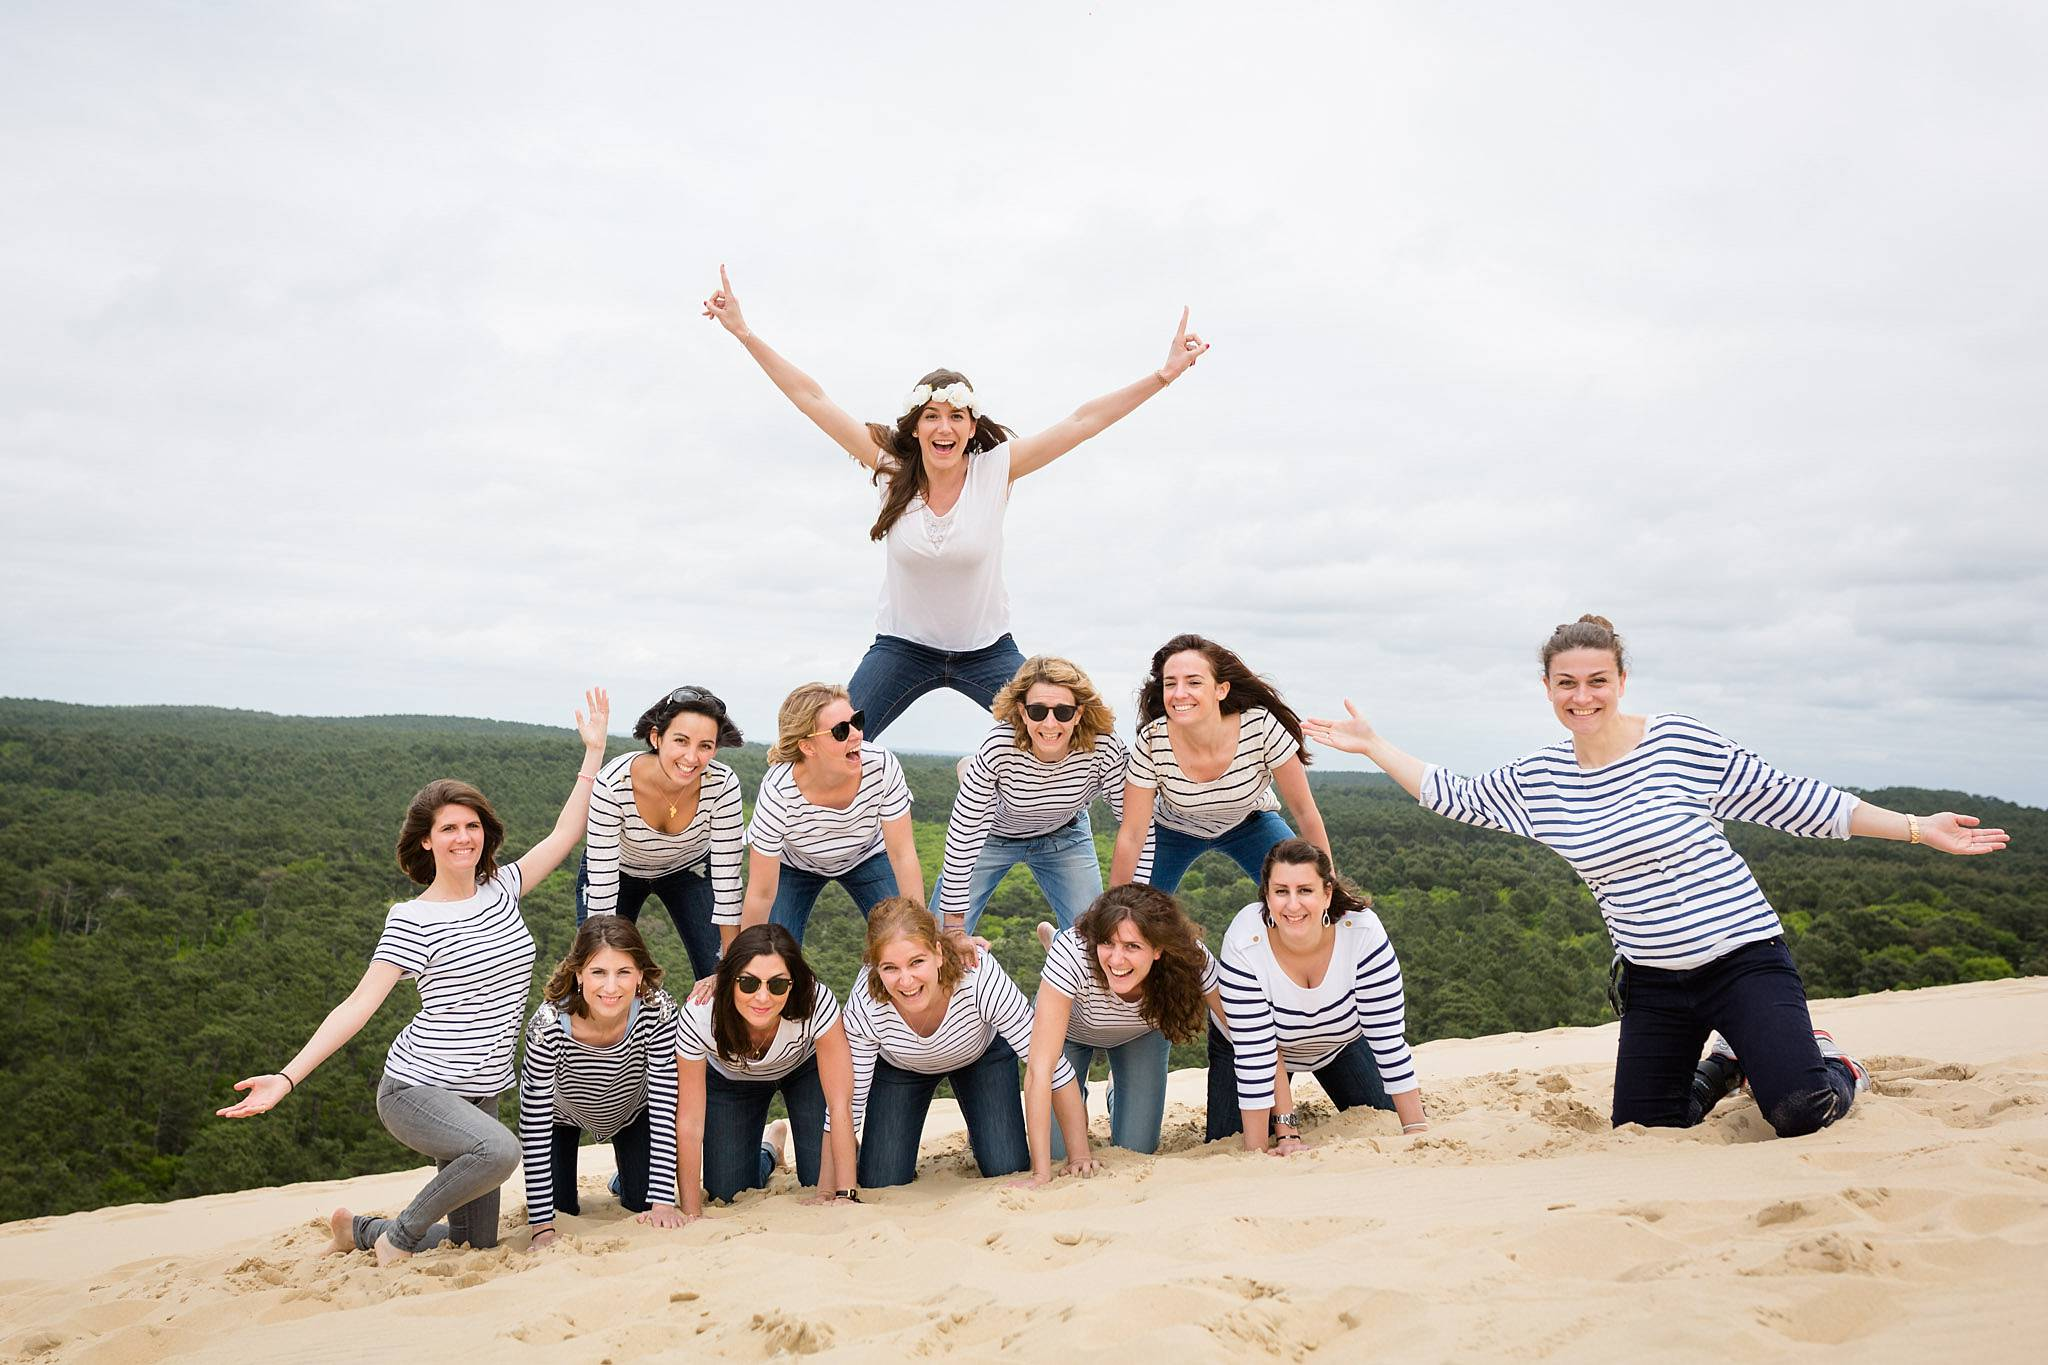 Les photos de la séance EVJF de Marion à la Dune du Pilat et la Co(o)rniche. Alexandre Roschewitz Photographies, photographe EVJF Arcachon.